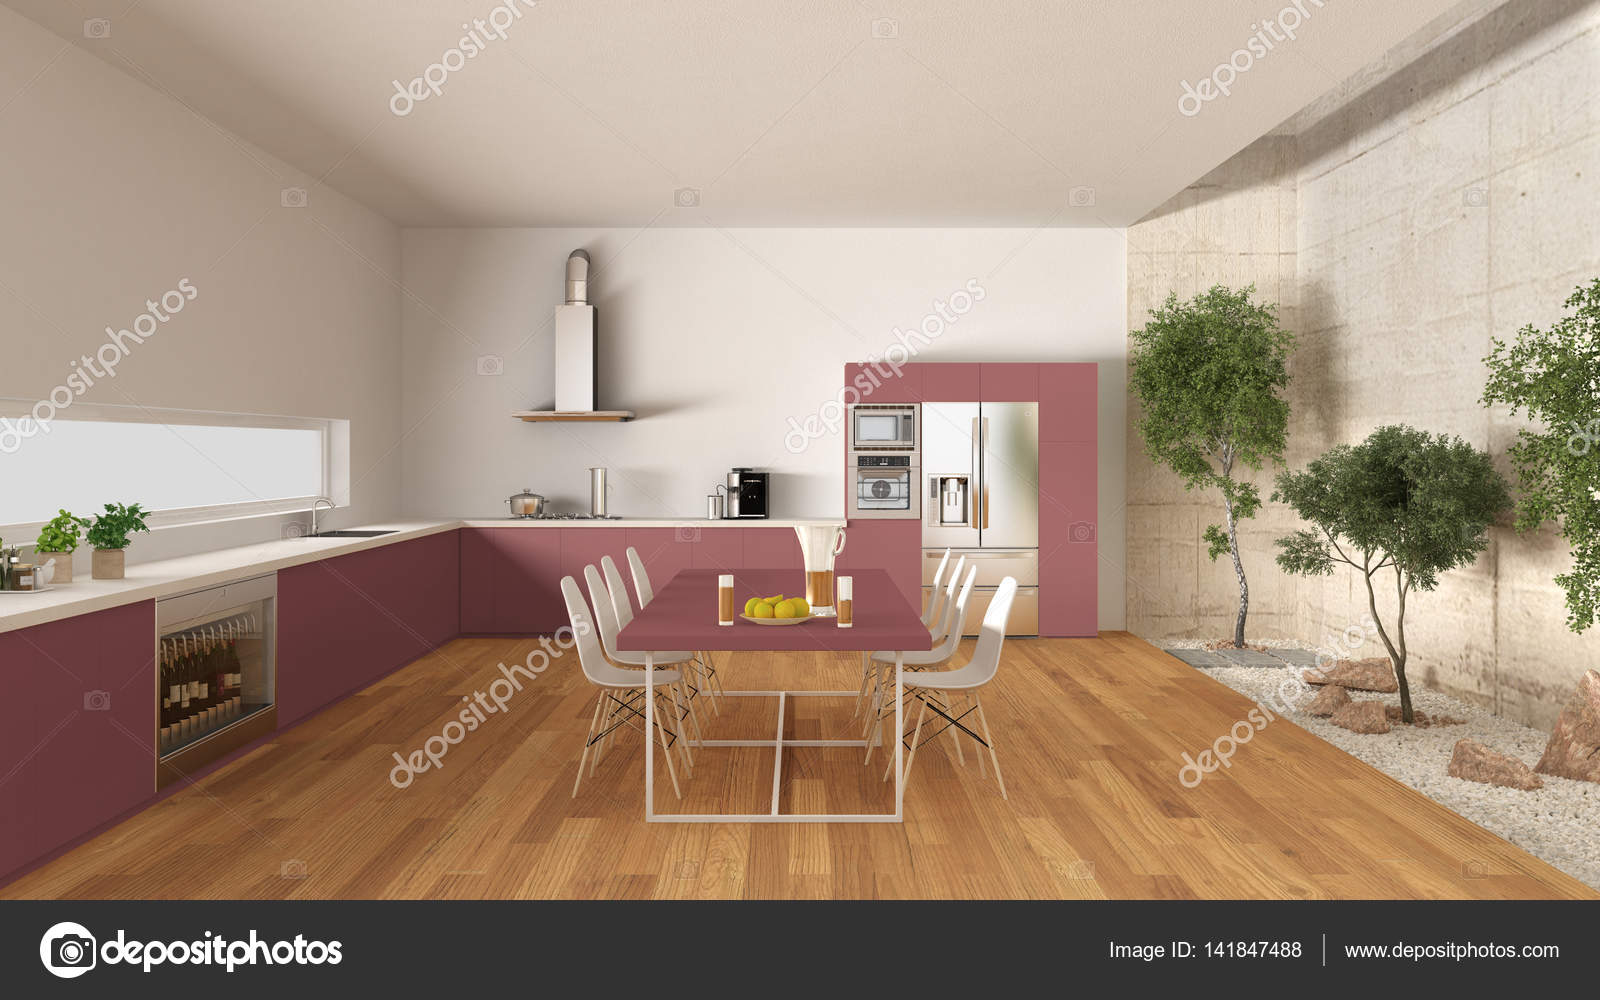 Cucina bianca e rossa con giardino interno, interno minimal design ...